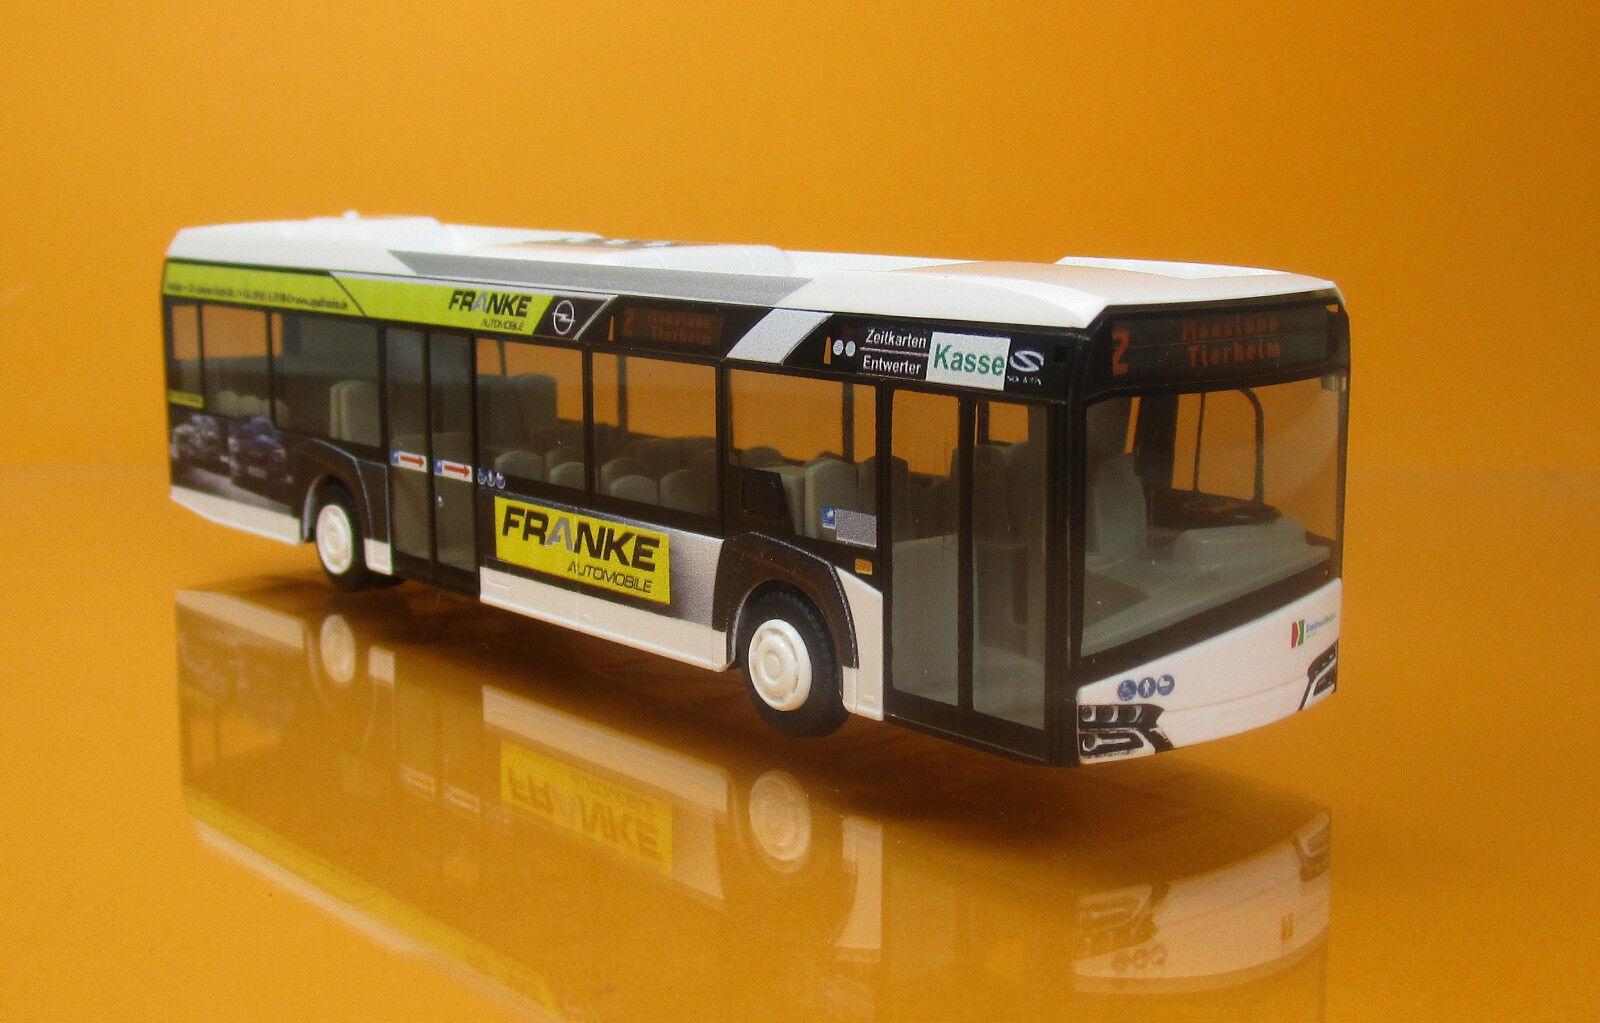 Rietze 73026 Solaris Urbino 12 Model l14 Stadtbus Weiden Opel Opel Opel Franke Bus 1 87 6dd0ae